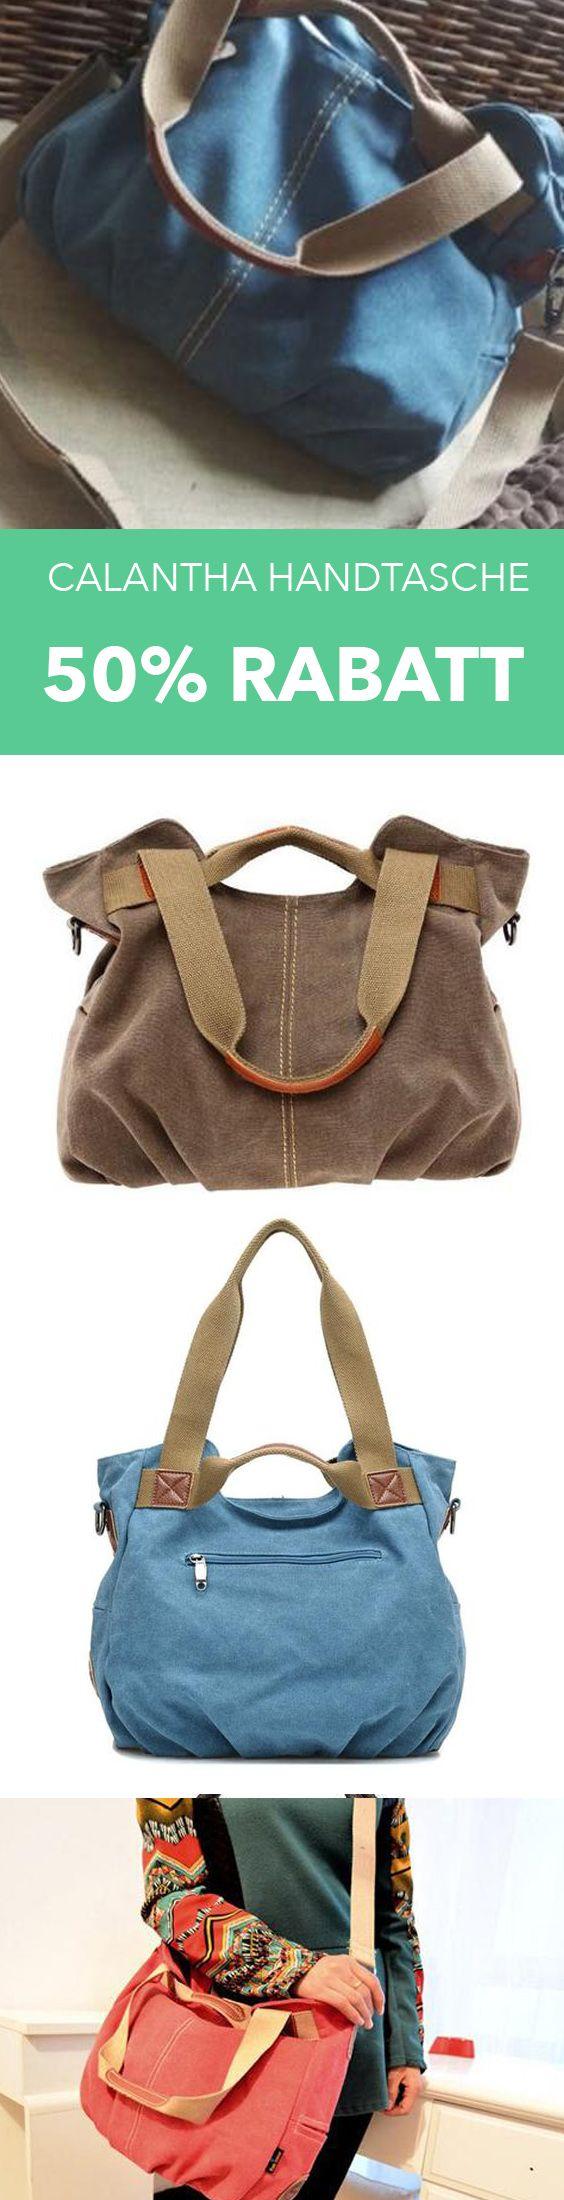 Calantha Handtasche – Faultier